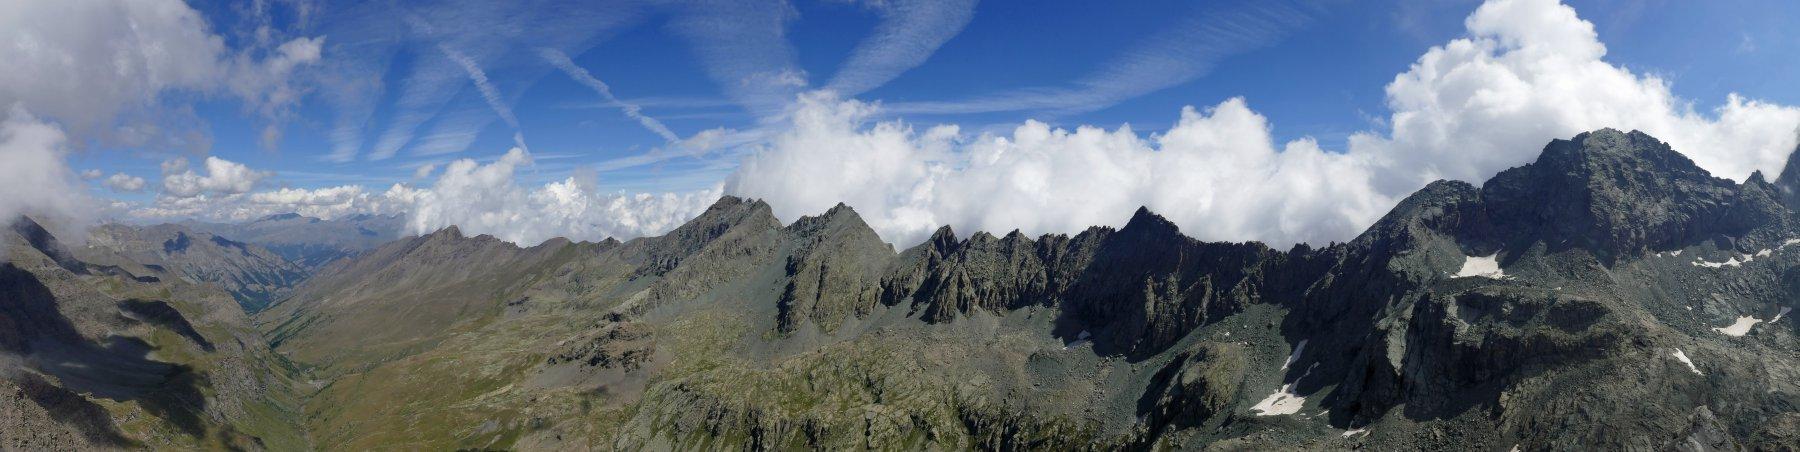 Panoramica dal monte Losetta